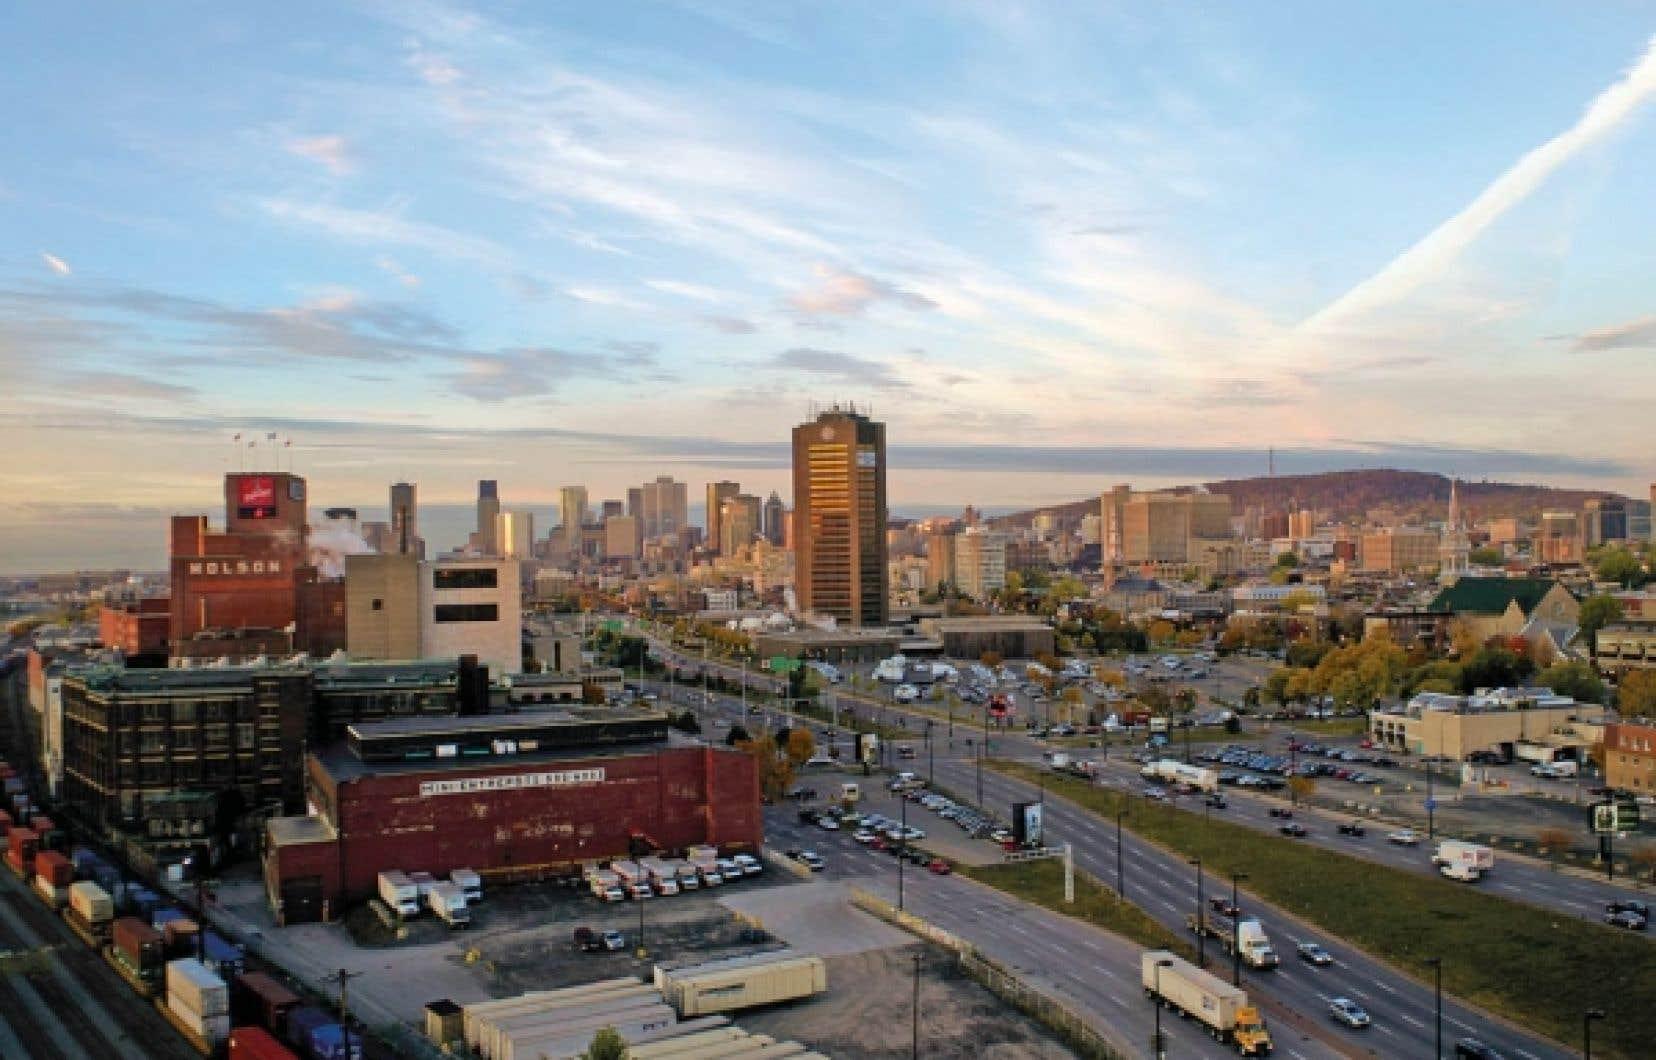 Vue de Montréal et du gratte-ciel sans personnalité de l'édifice de Radio-Canada. En avant-plan, la rue Notre-Dame, dont on planifie la transformation en autoroute, alors que plusieurs grands centres urbains tentent d'éliminer leurs voies rapides.<br />